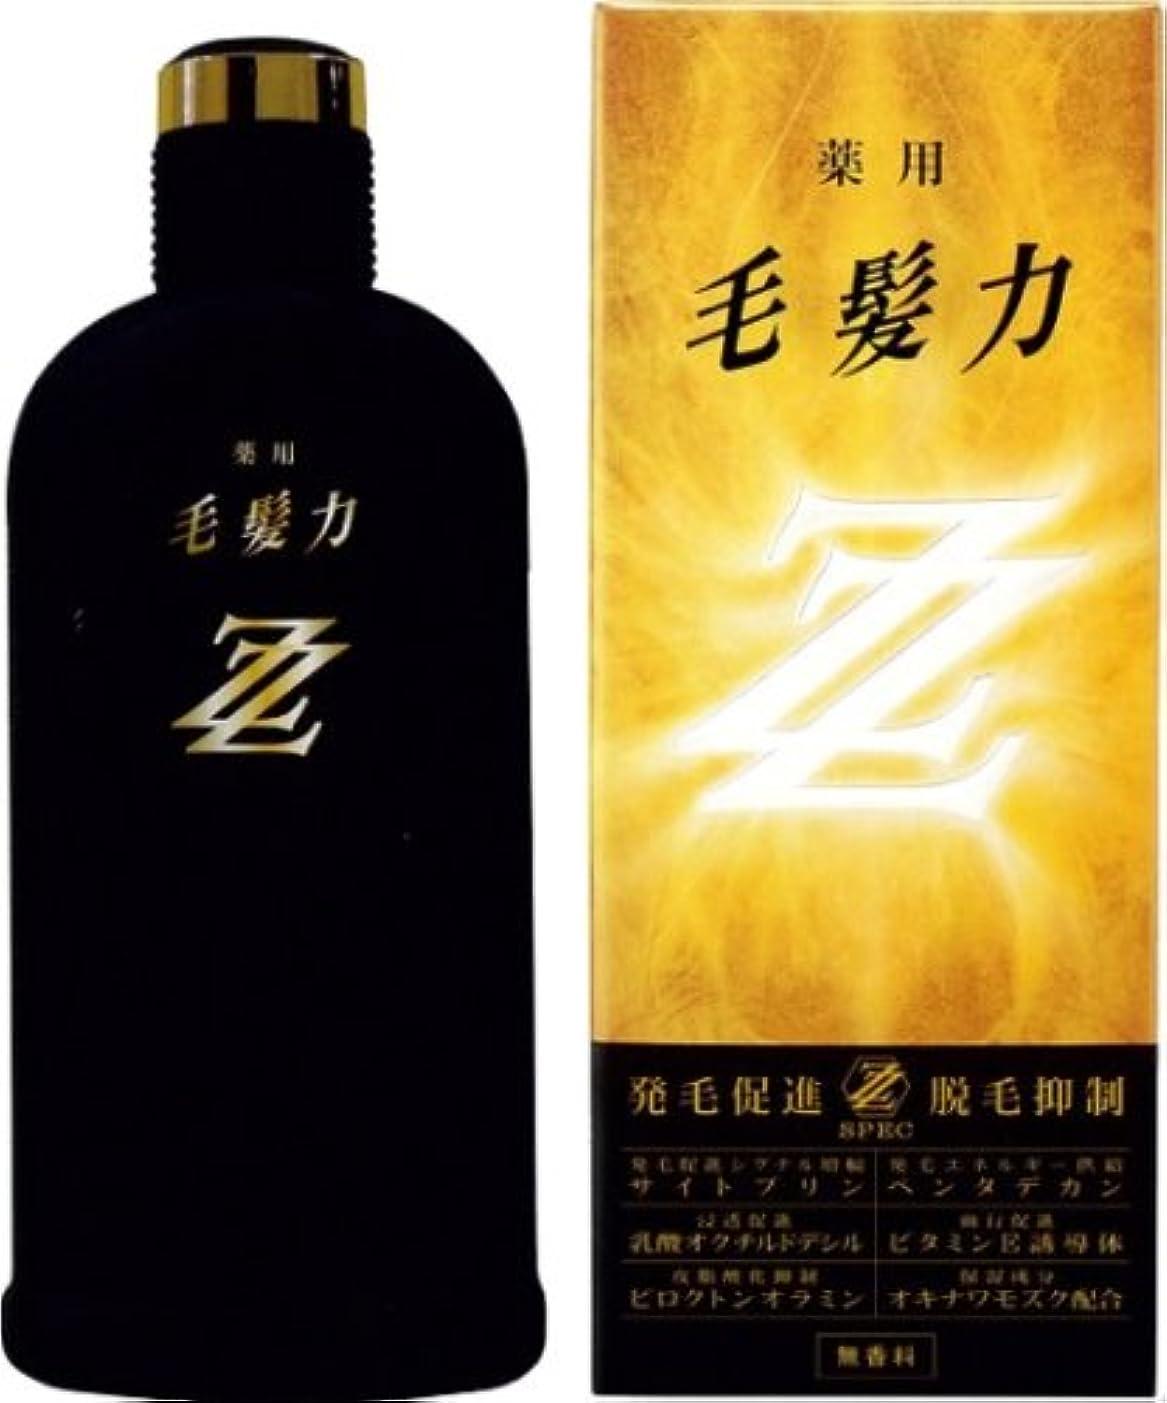 おびえたメロドラマティック交換薬用毛髪力ZZ(ダブルジー) 育毛剤 200ml(医薬部外品)